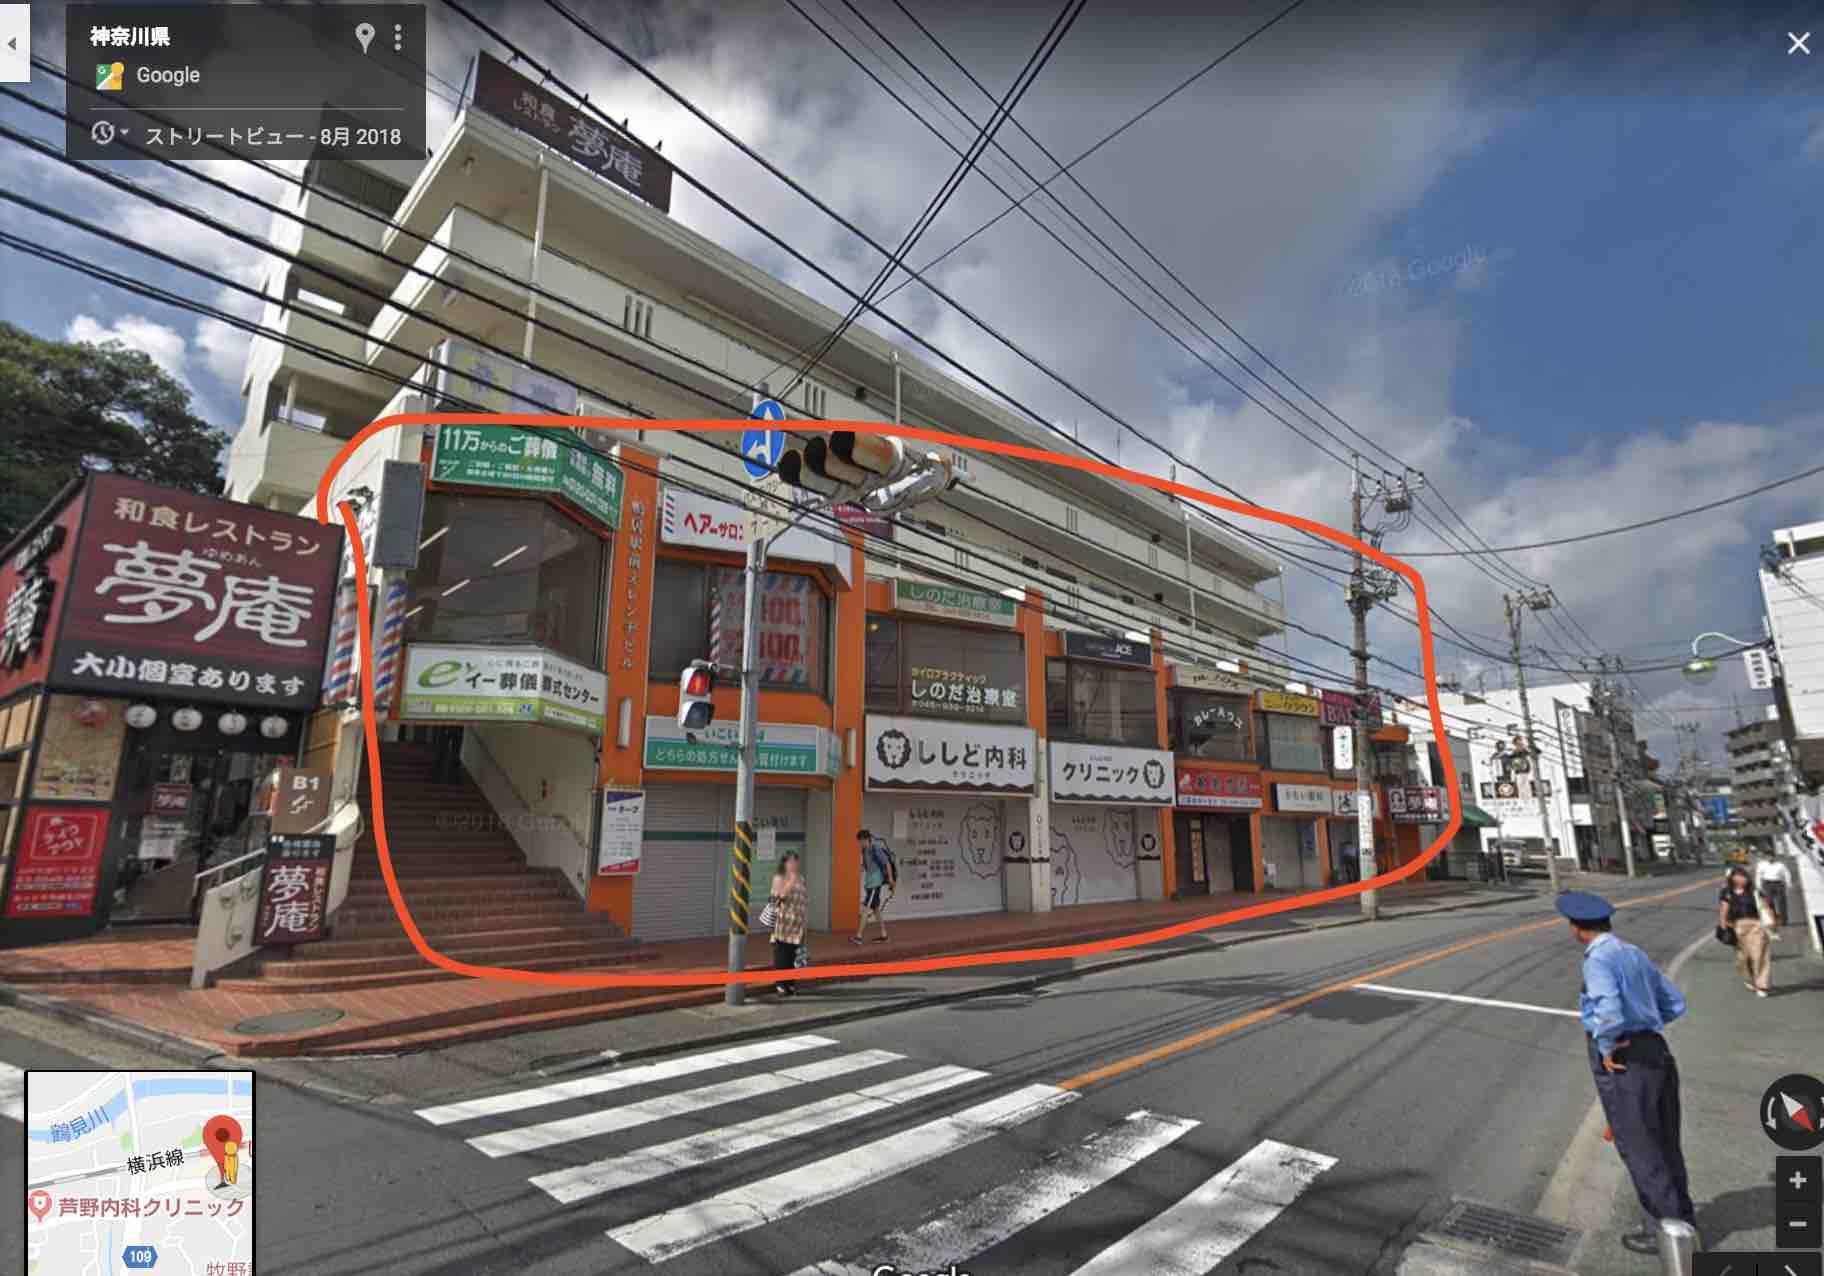 細川達成のTHE・万馬券!という競馬予想サイトの運営者ゲートウェイの旧住所